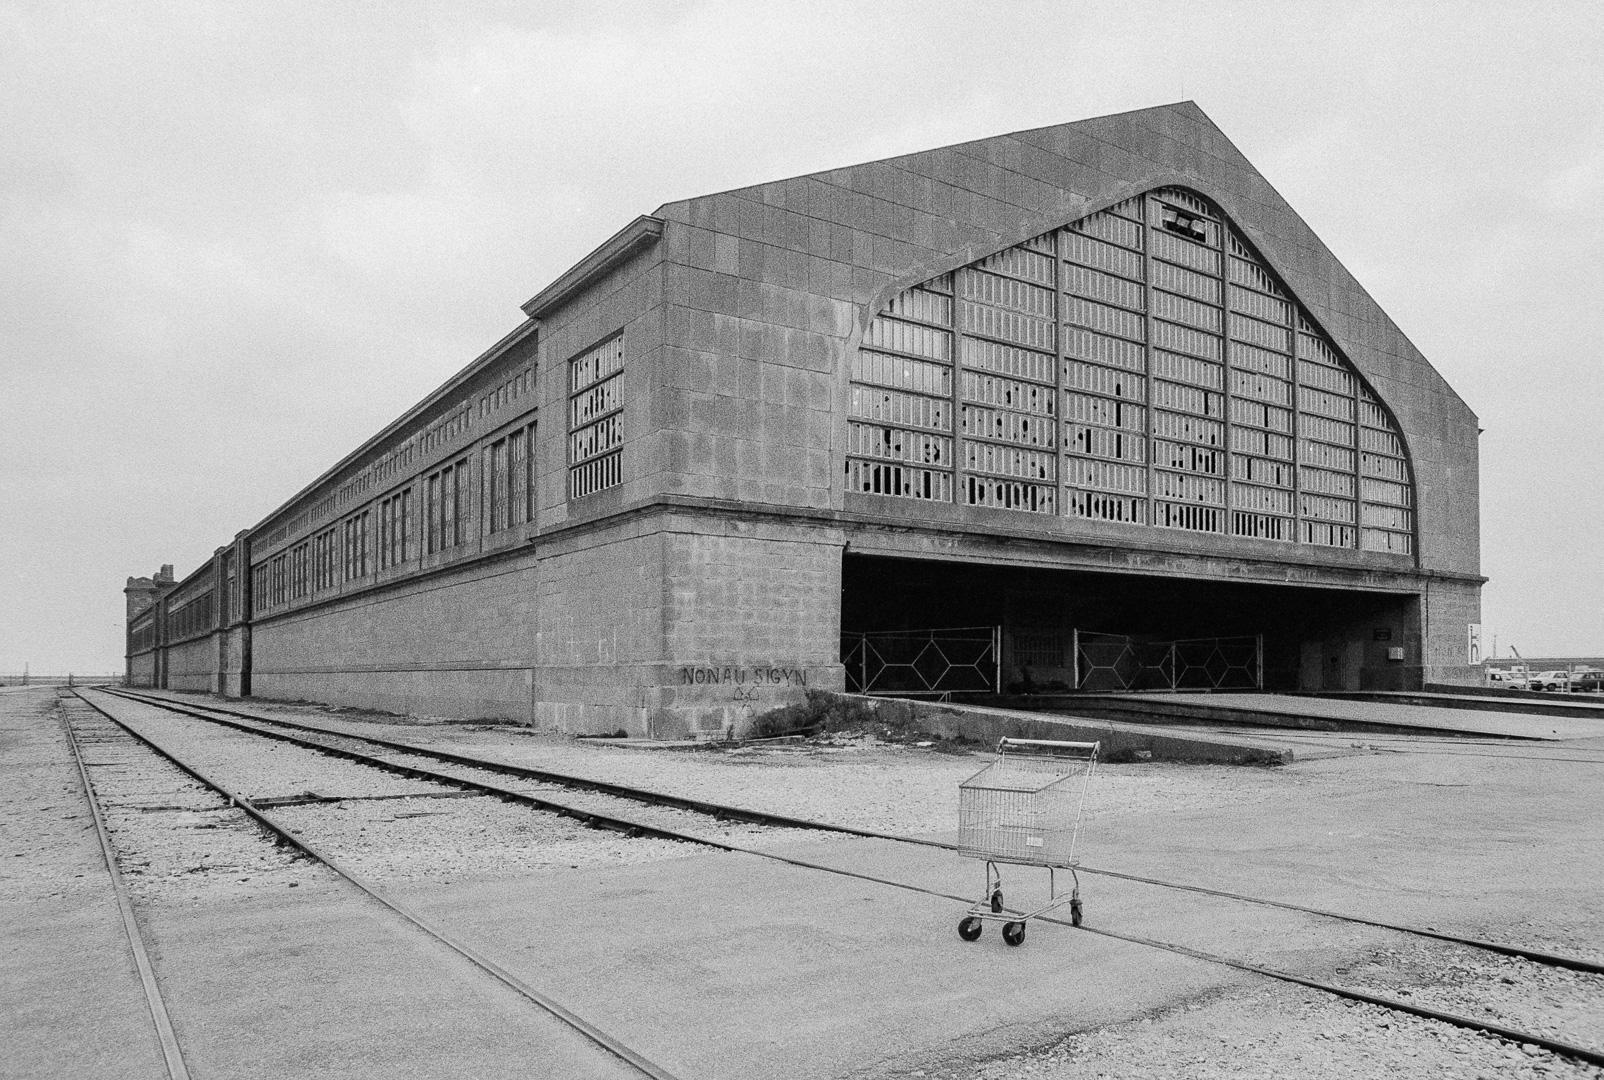 La gare maritime de Cherbourg, 1985.